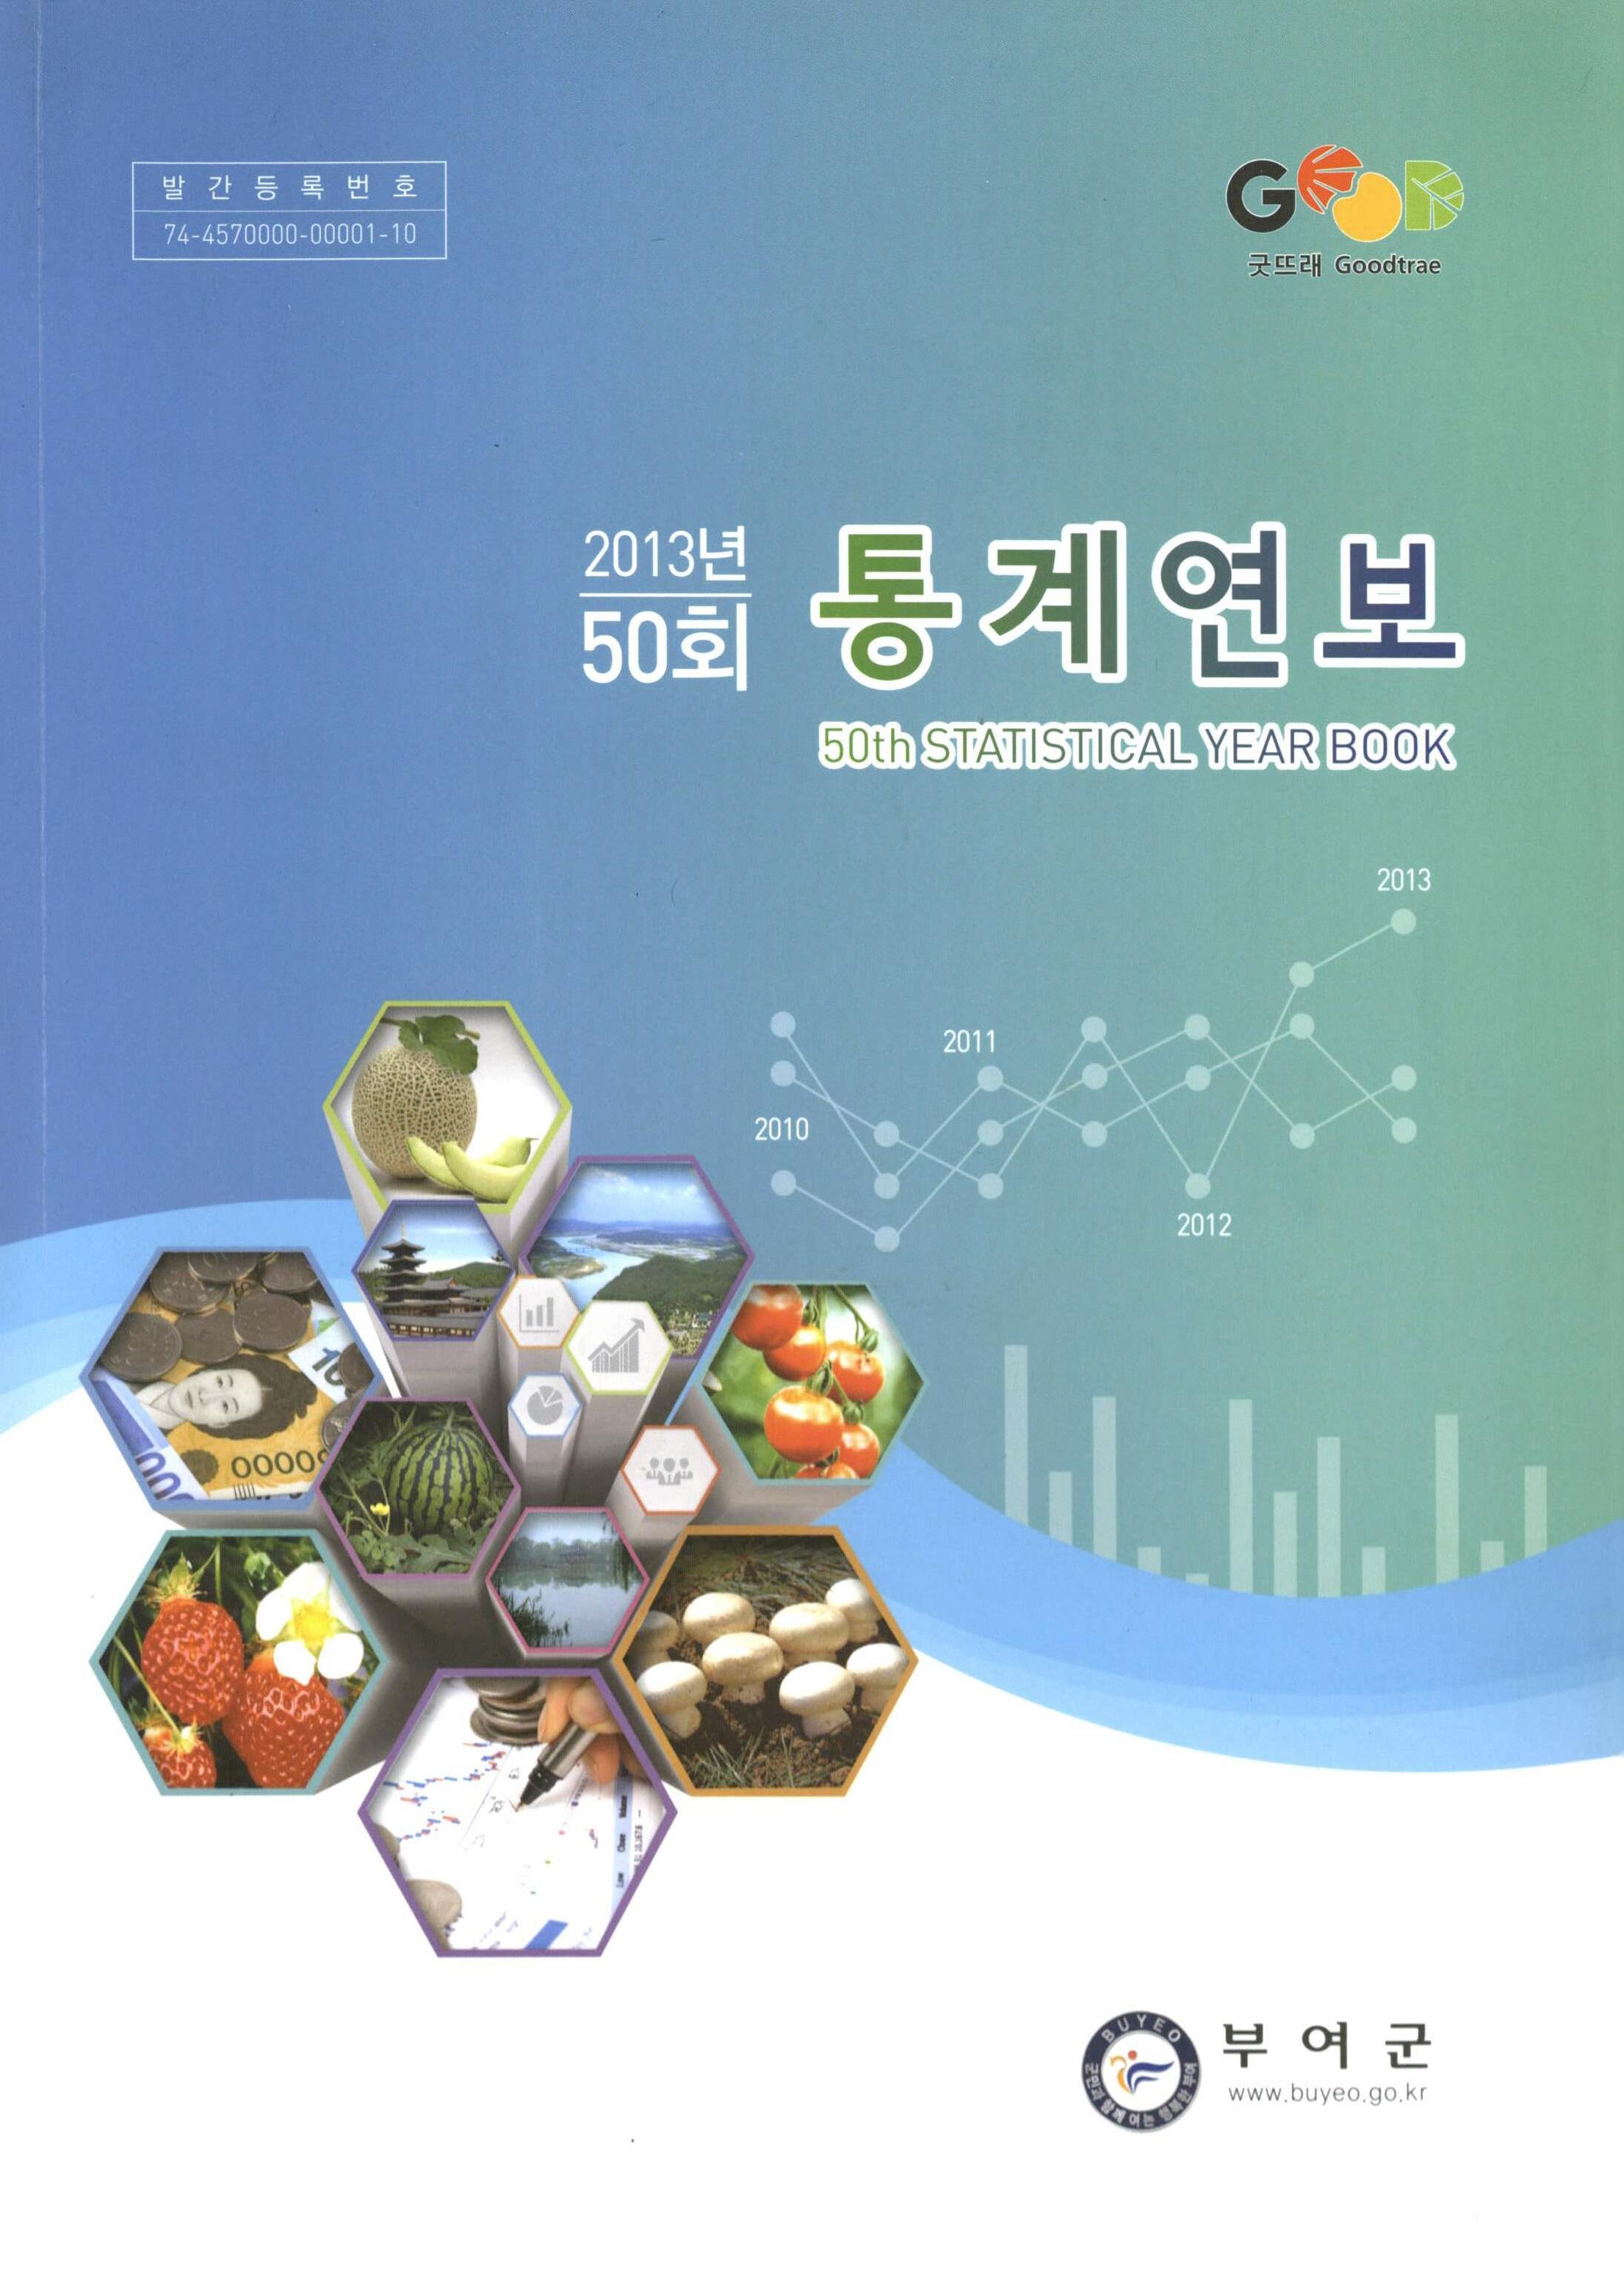 2013년 제50회 통계연보